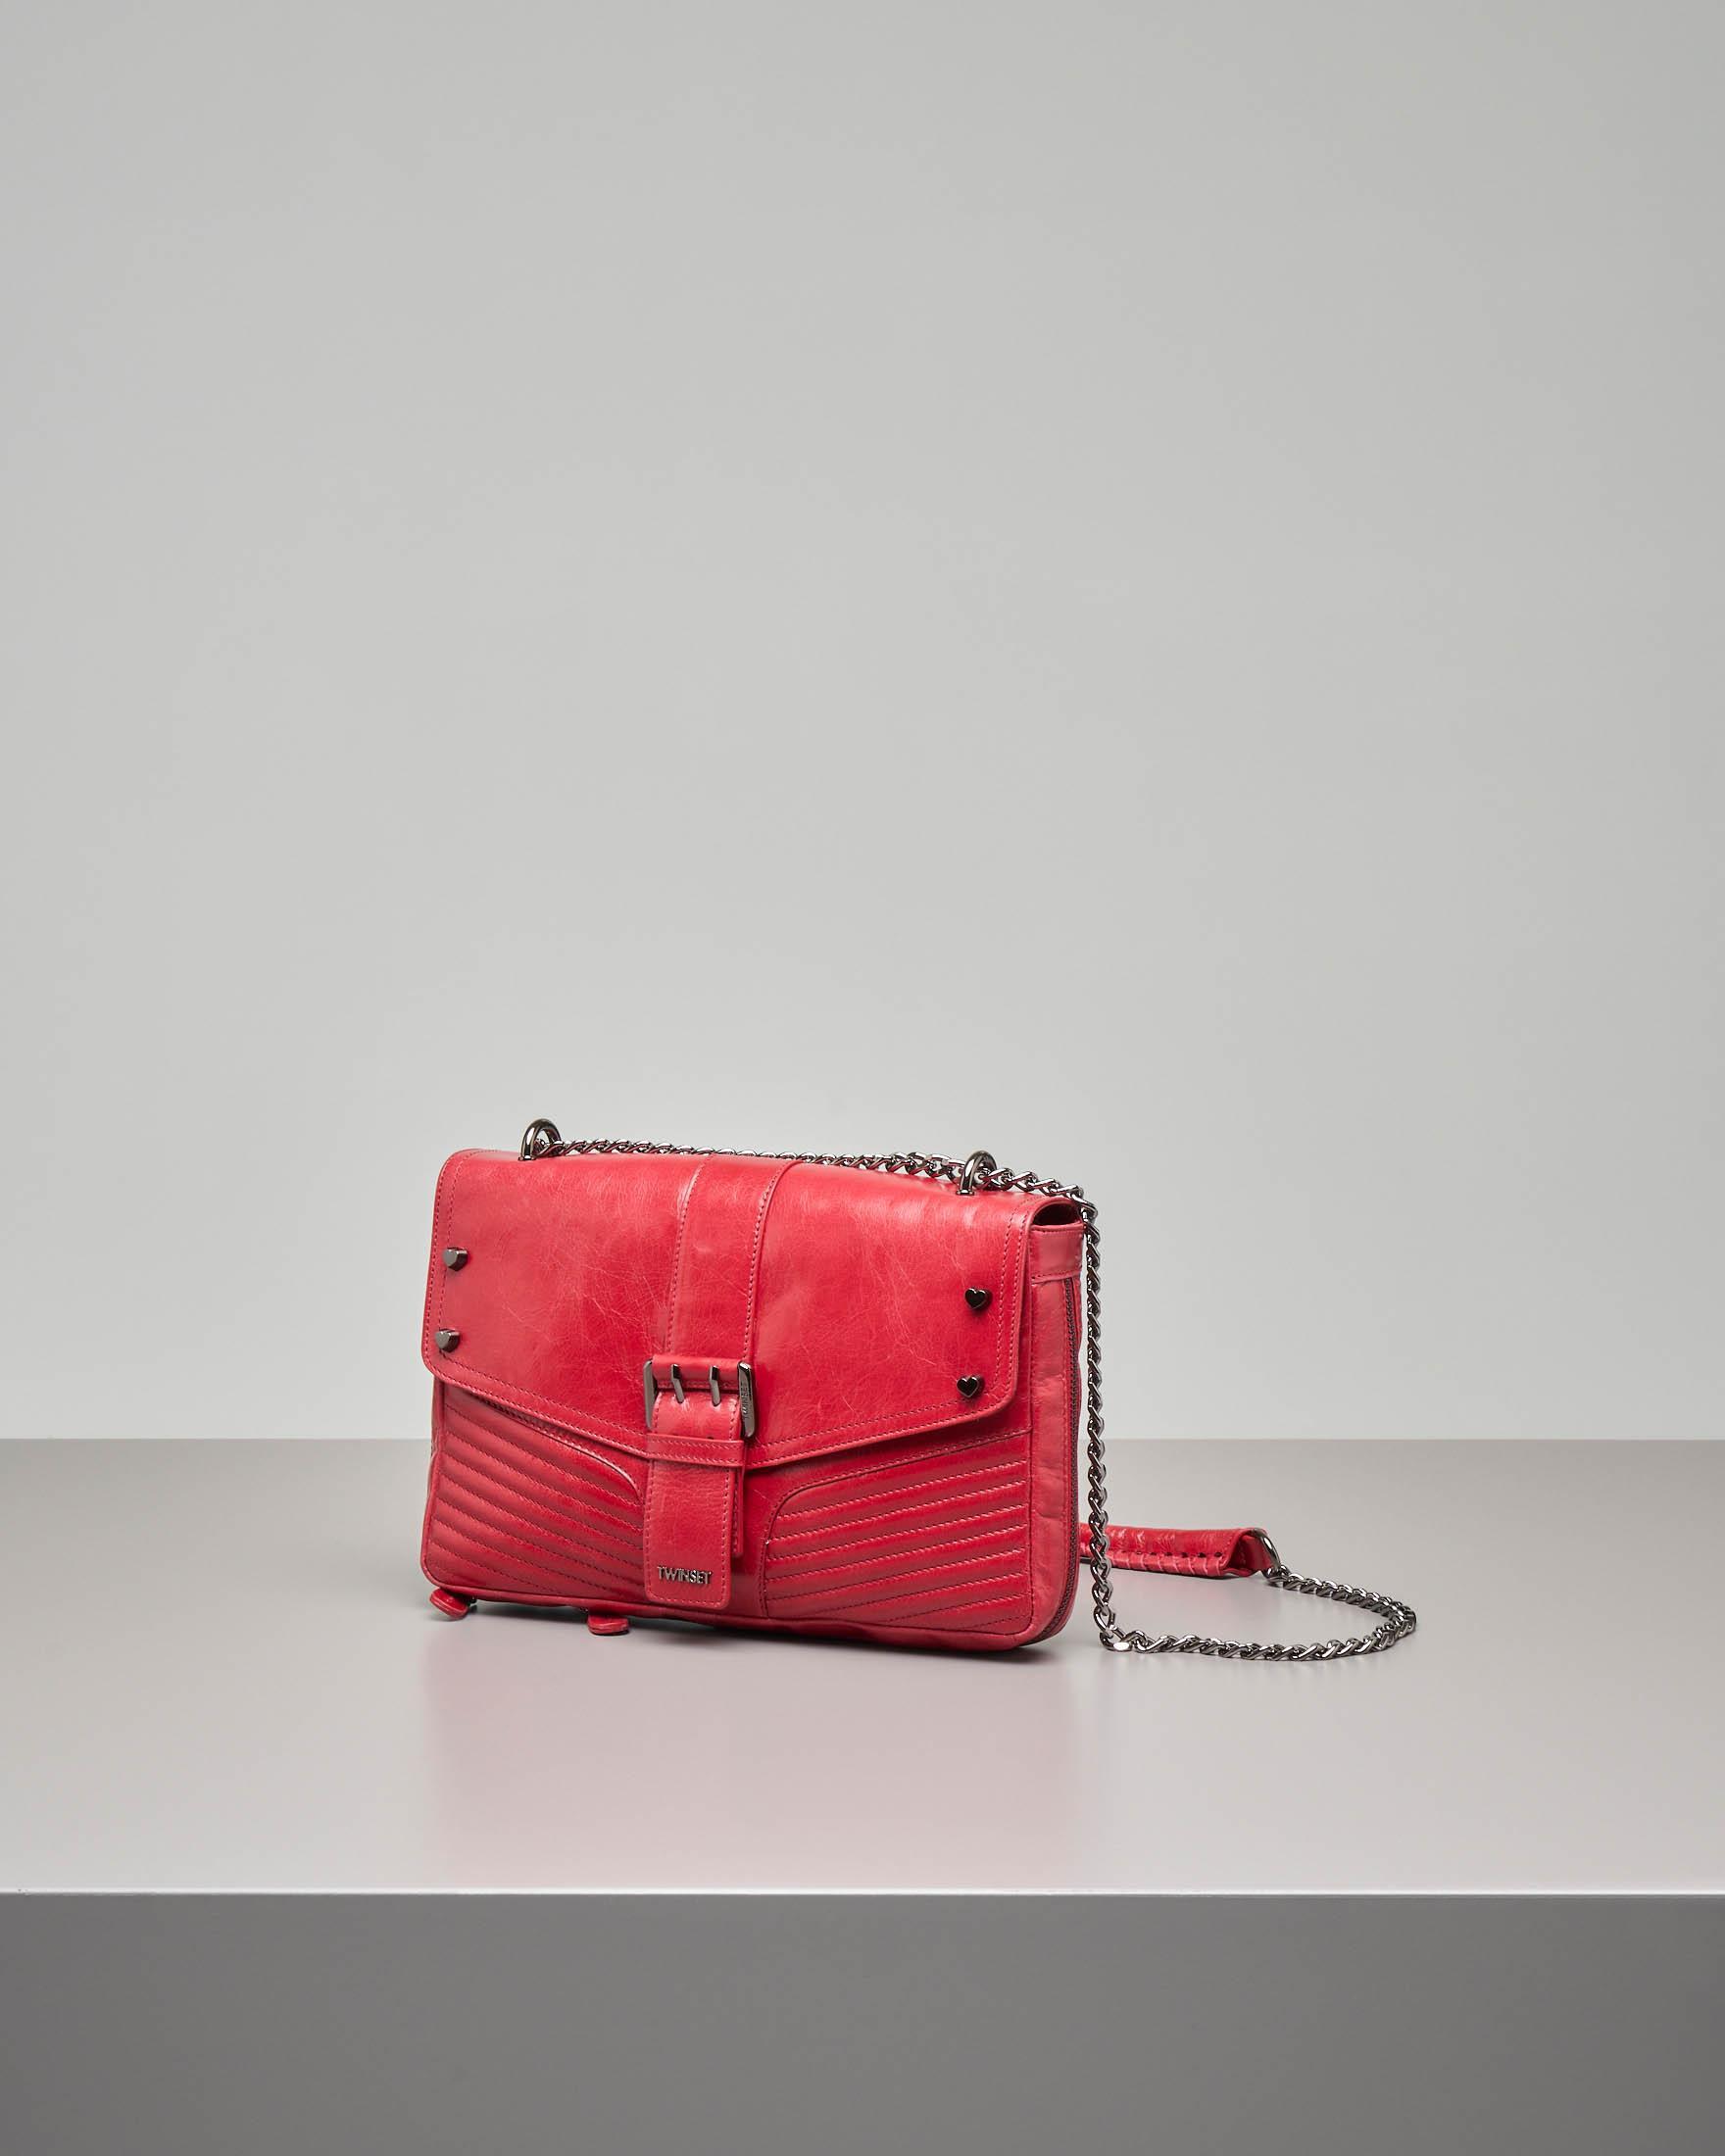 Borsa a tracolla modello Rebel colore rosso in pelle effetto cracklé